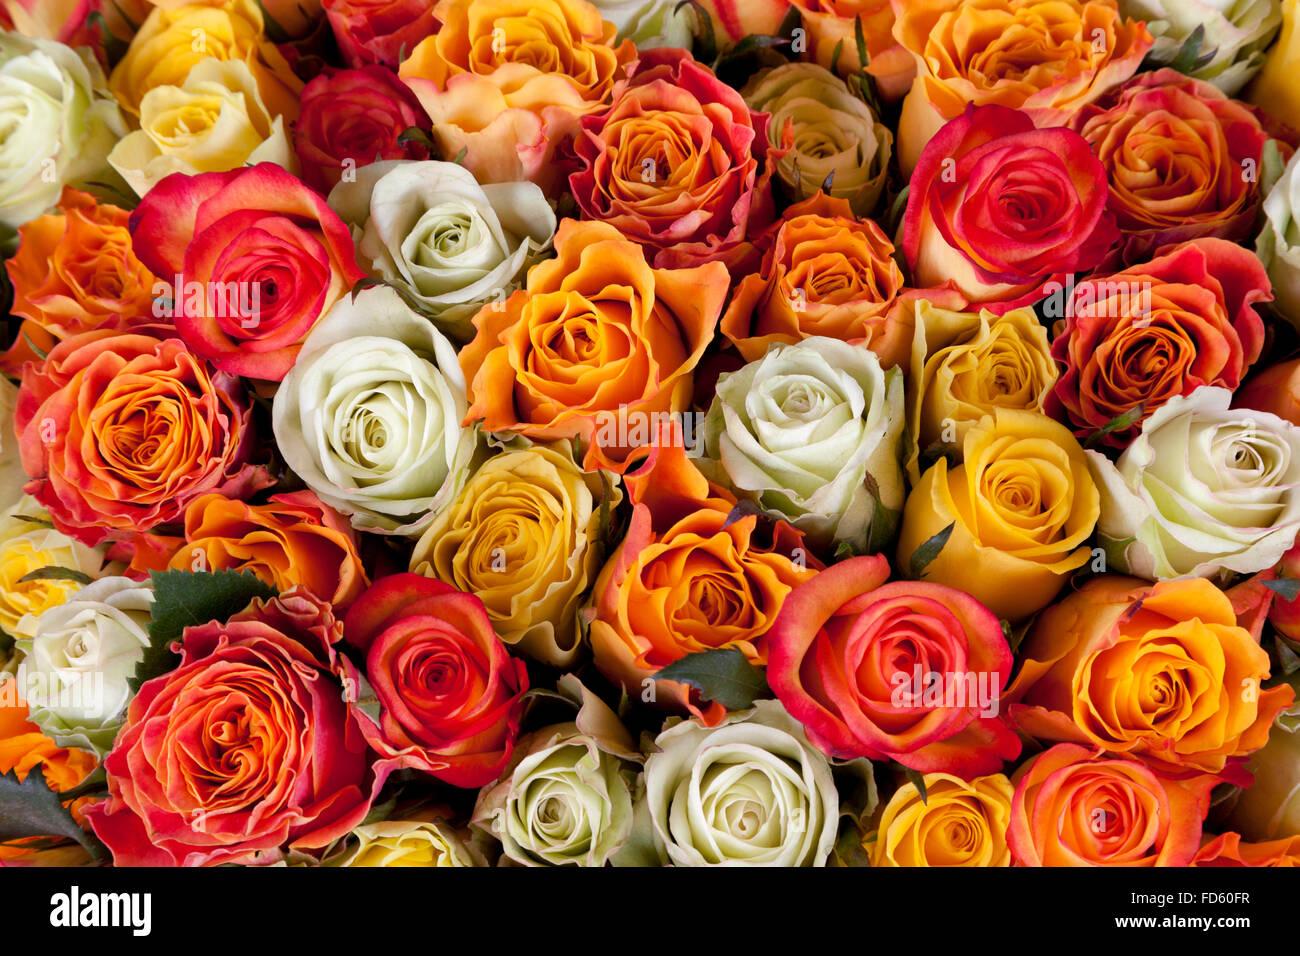 Blanc, jaune et rose roses full frame Photo Stock